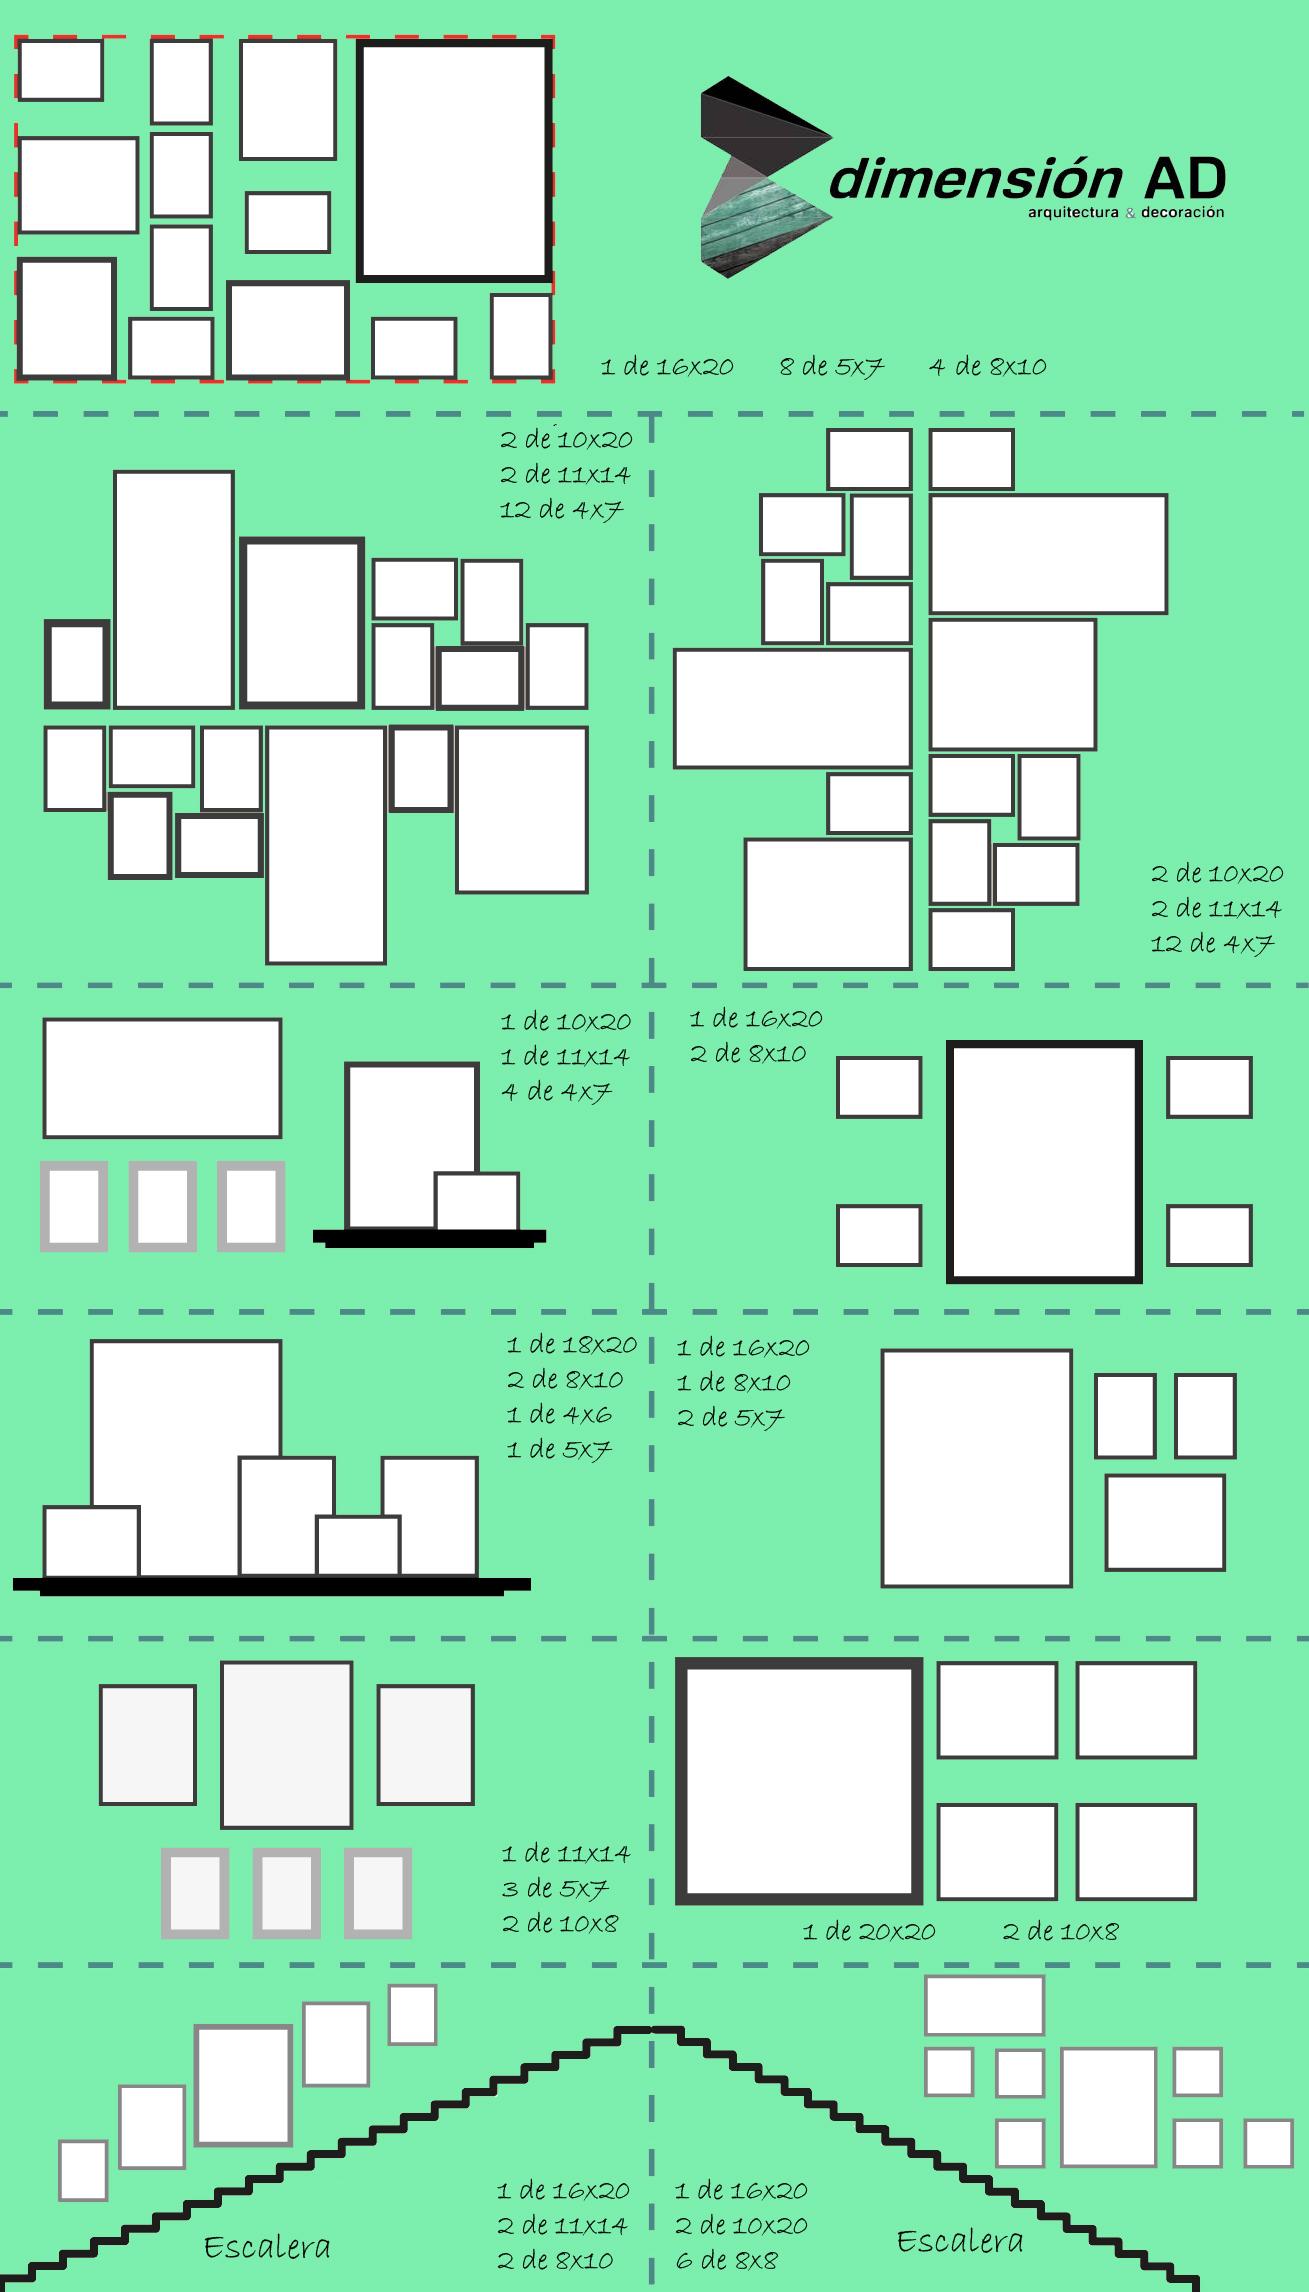 Composici n cuadros y fotos dimensionad arquitectura for Cuadros de pared grandes